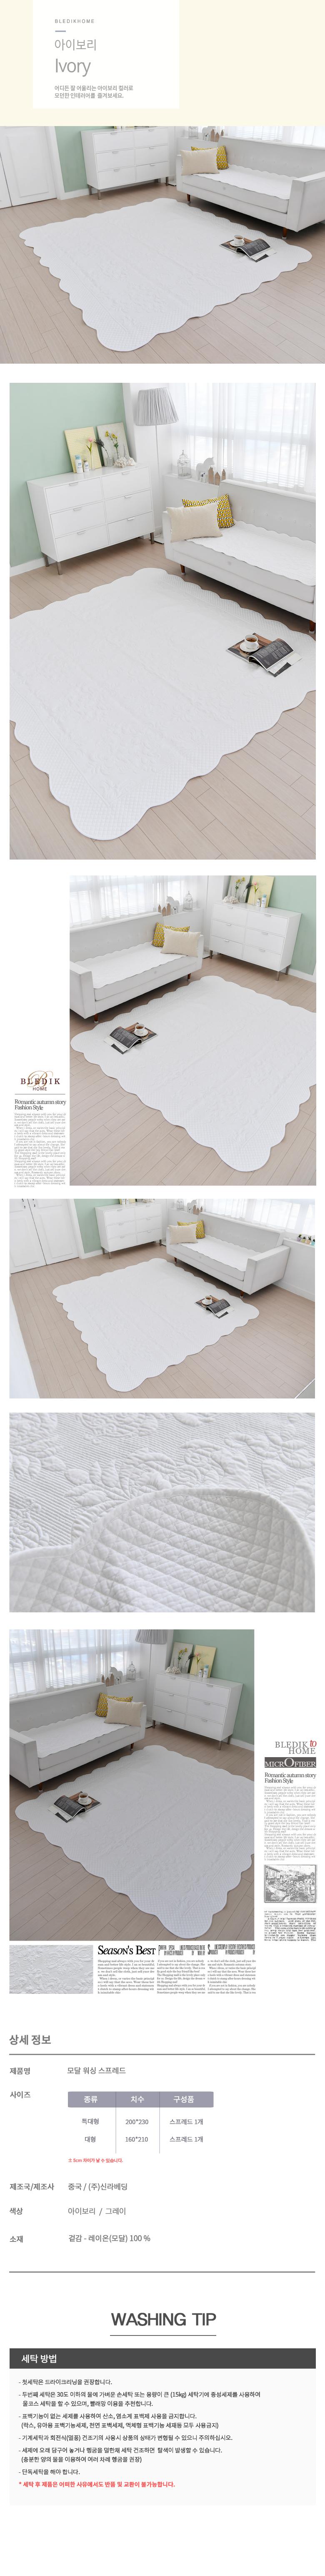 모달 워싱카페트 - 블레딕홈, 199,900원, 디자인러그, 면/워싱 카페트